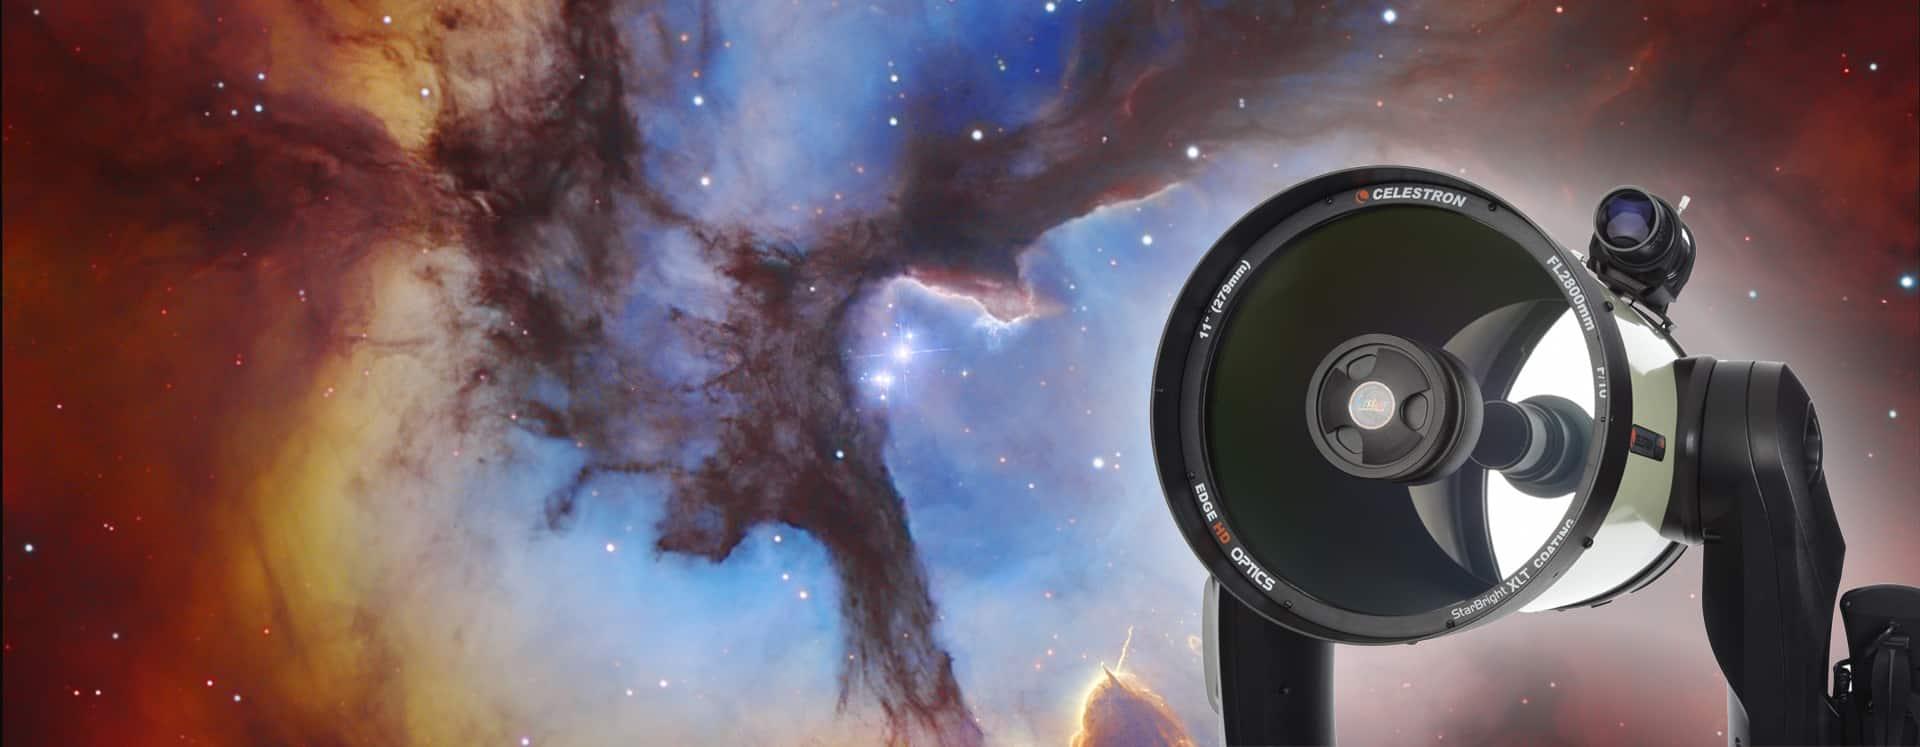 Esplora l'Universo con i Telescopi Celestron!